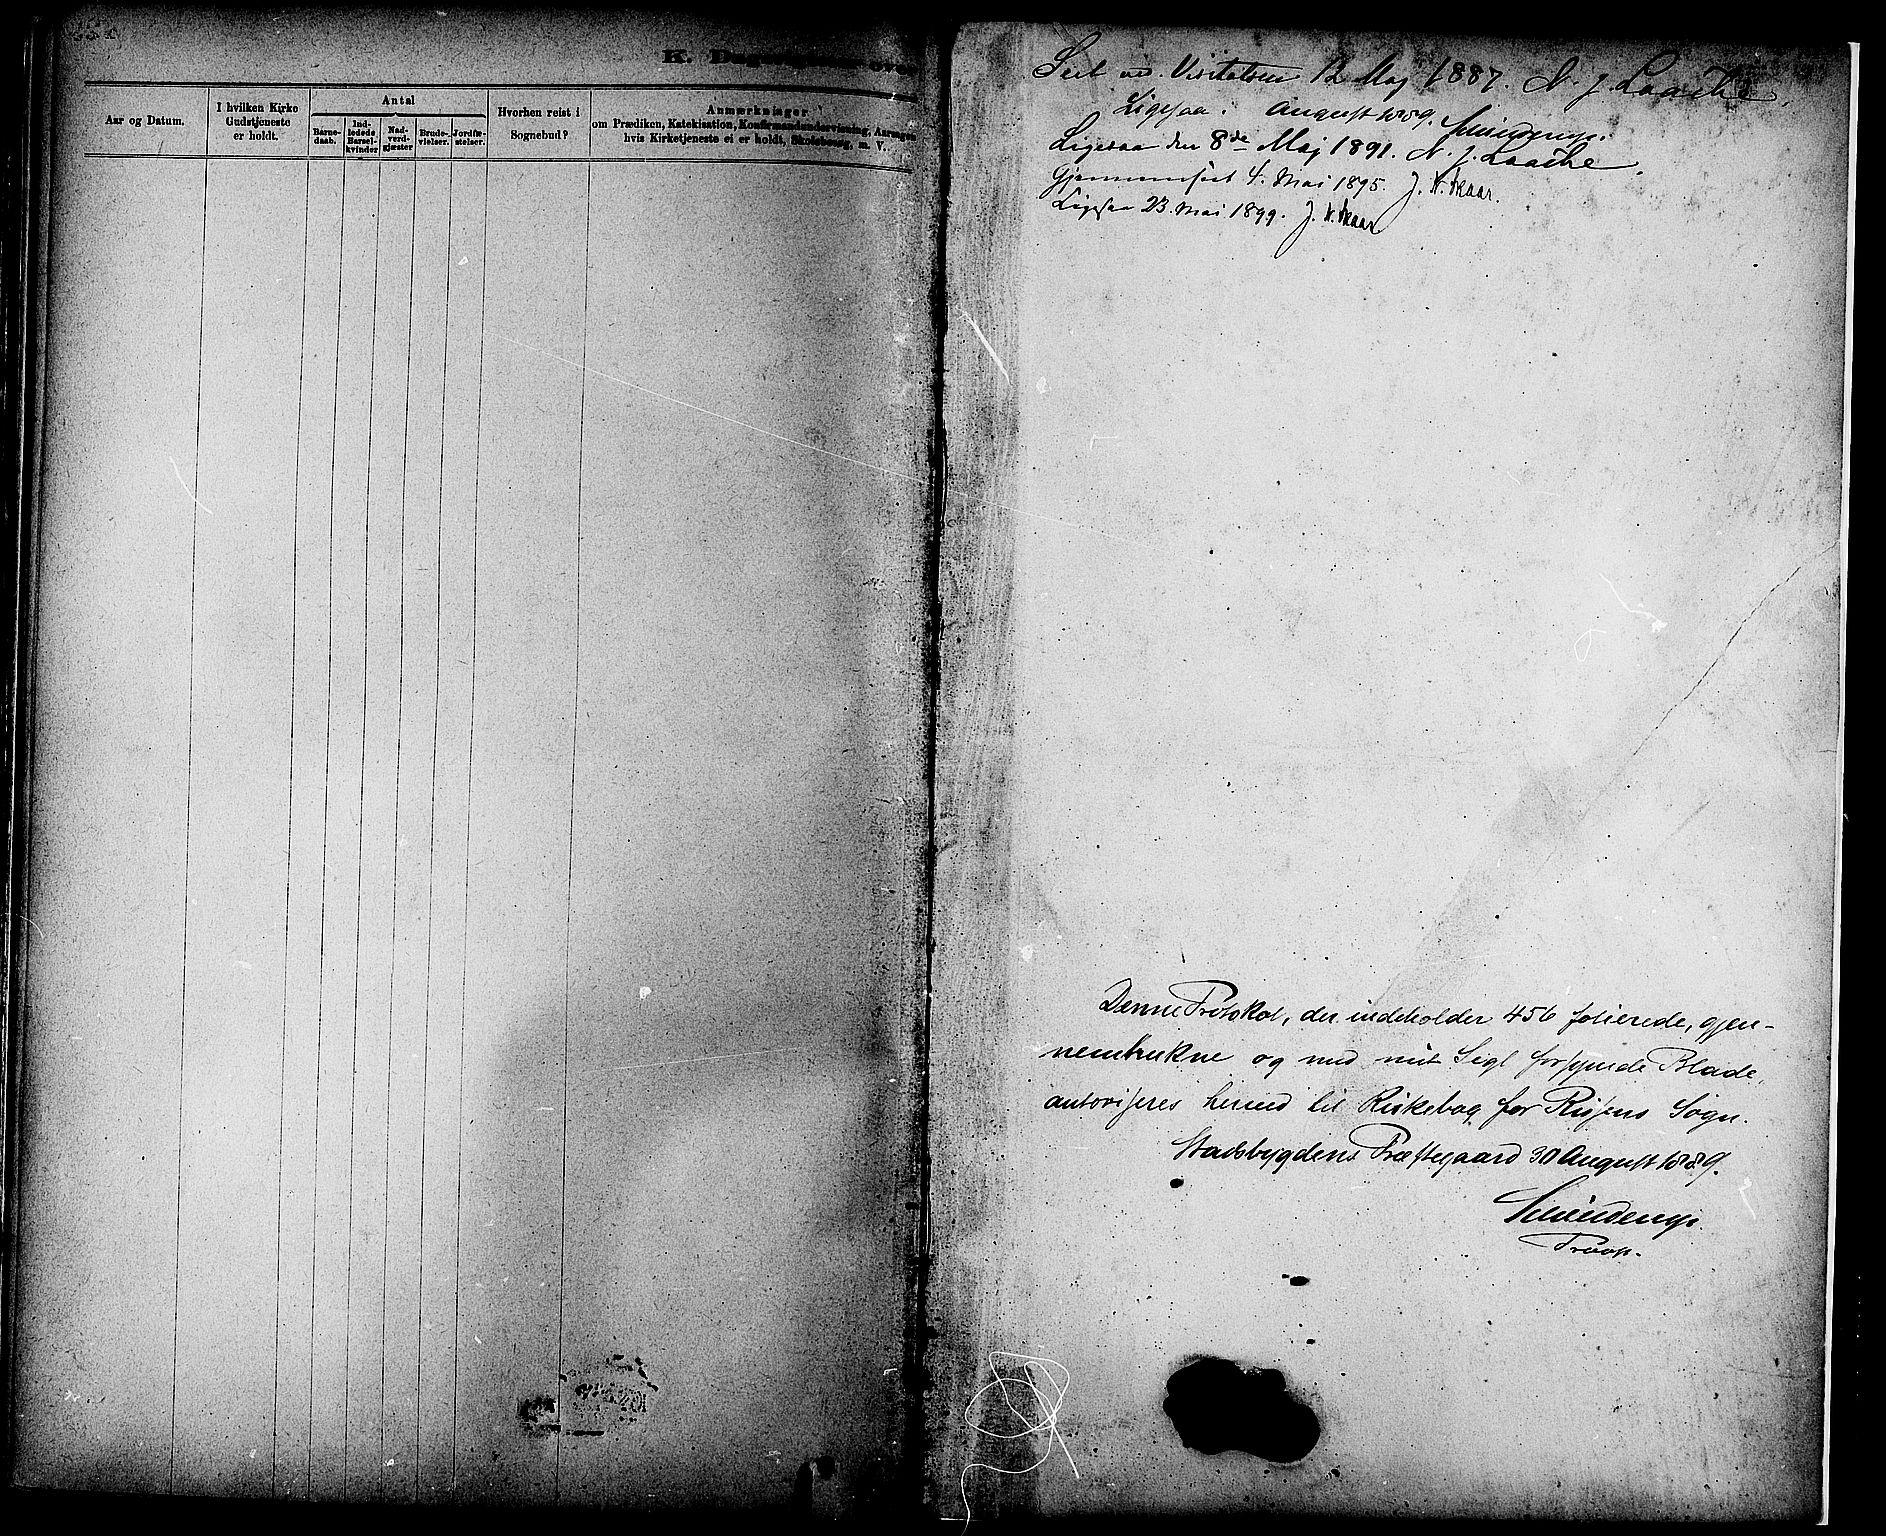 SAT, Ministerialprotokoller, klokkerbøker og fødselsregistre - Sør-Trøndelag, 647/L0634: Ministerialbok nr. 647A01, 1885-1896